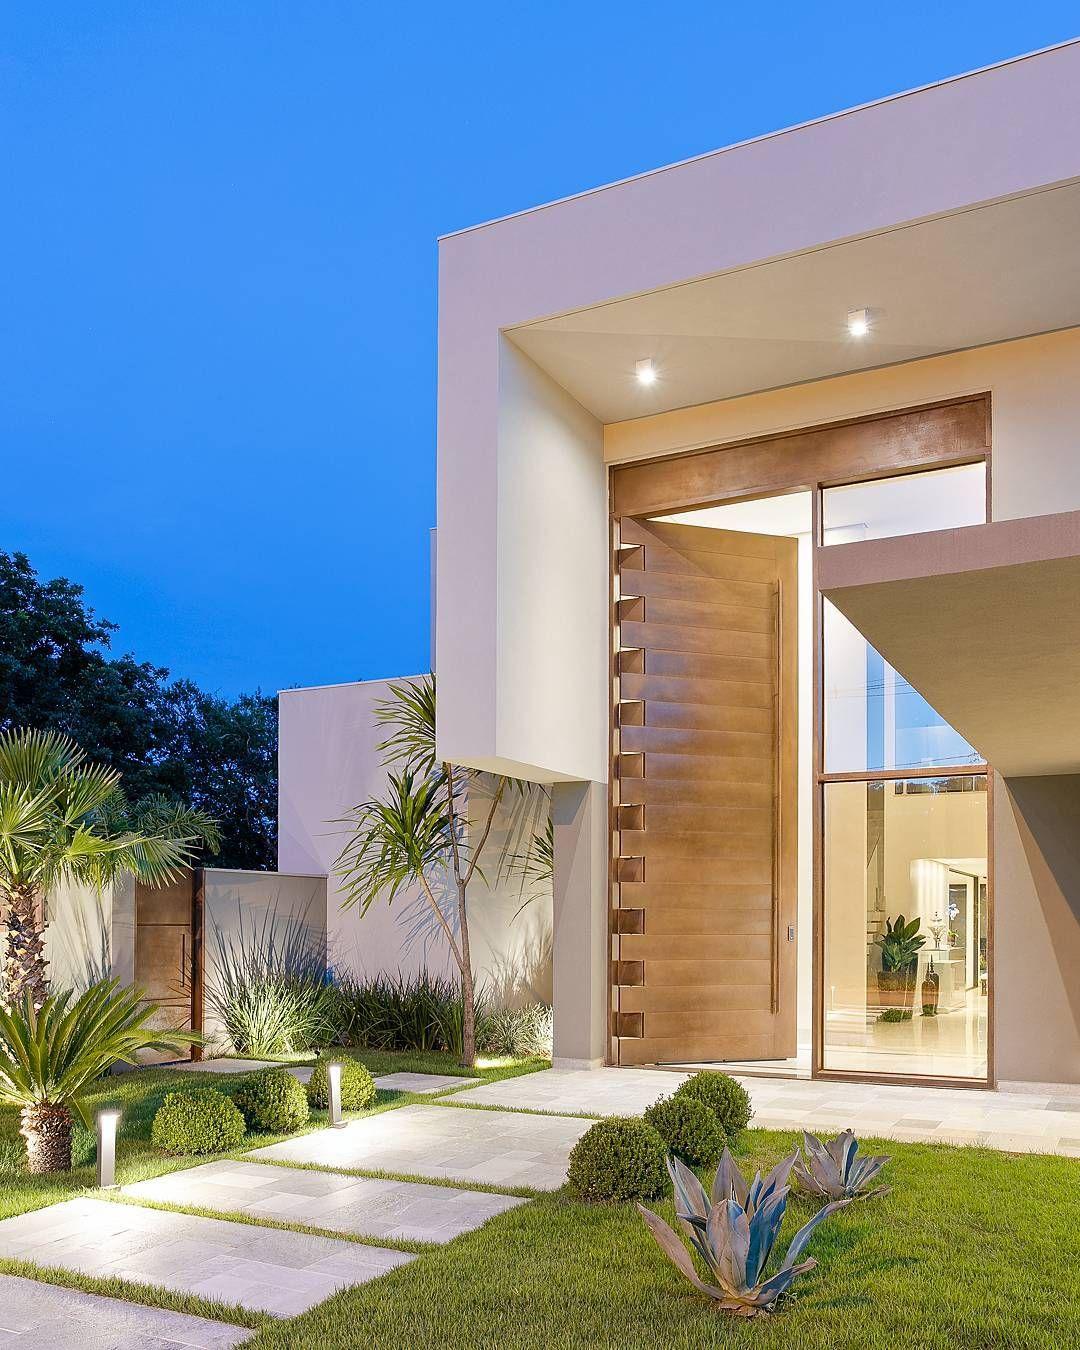 Fachada de casa contempor nea com porta painel de madeira for Casa contemporanea